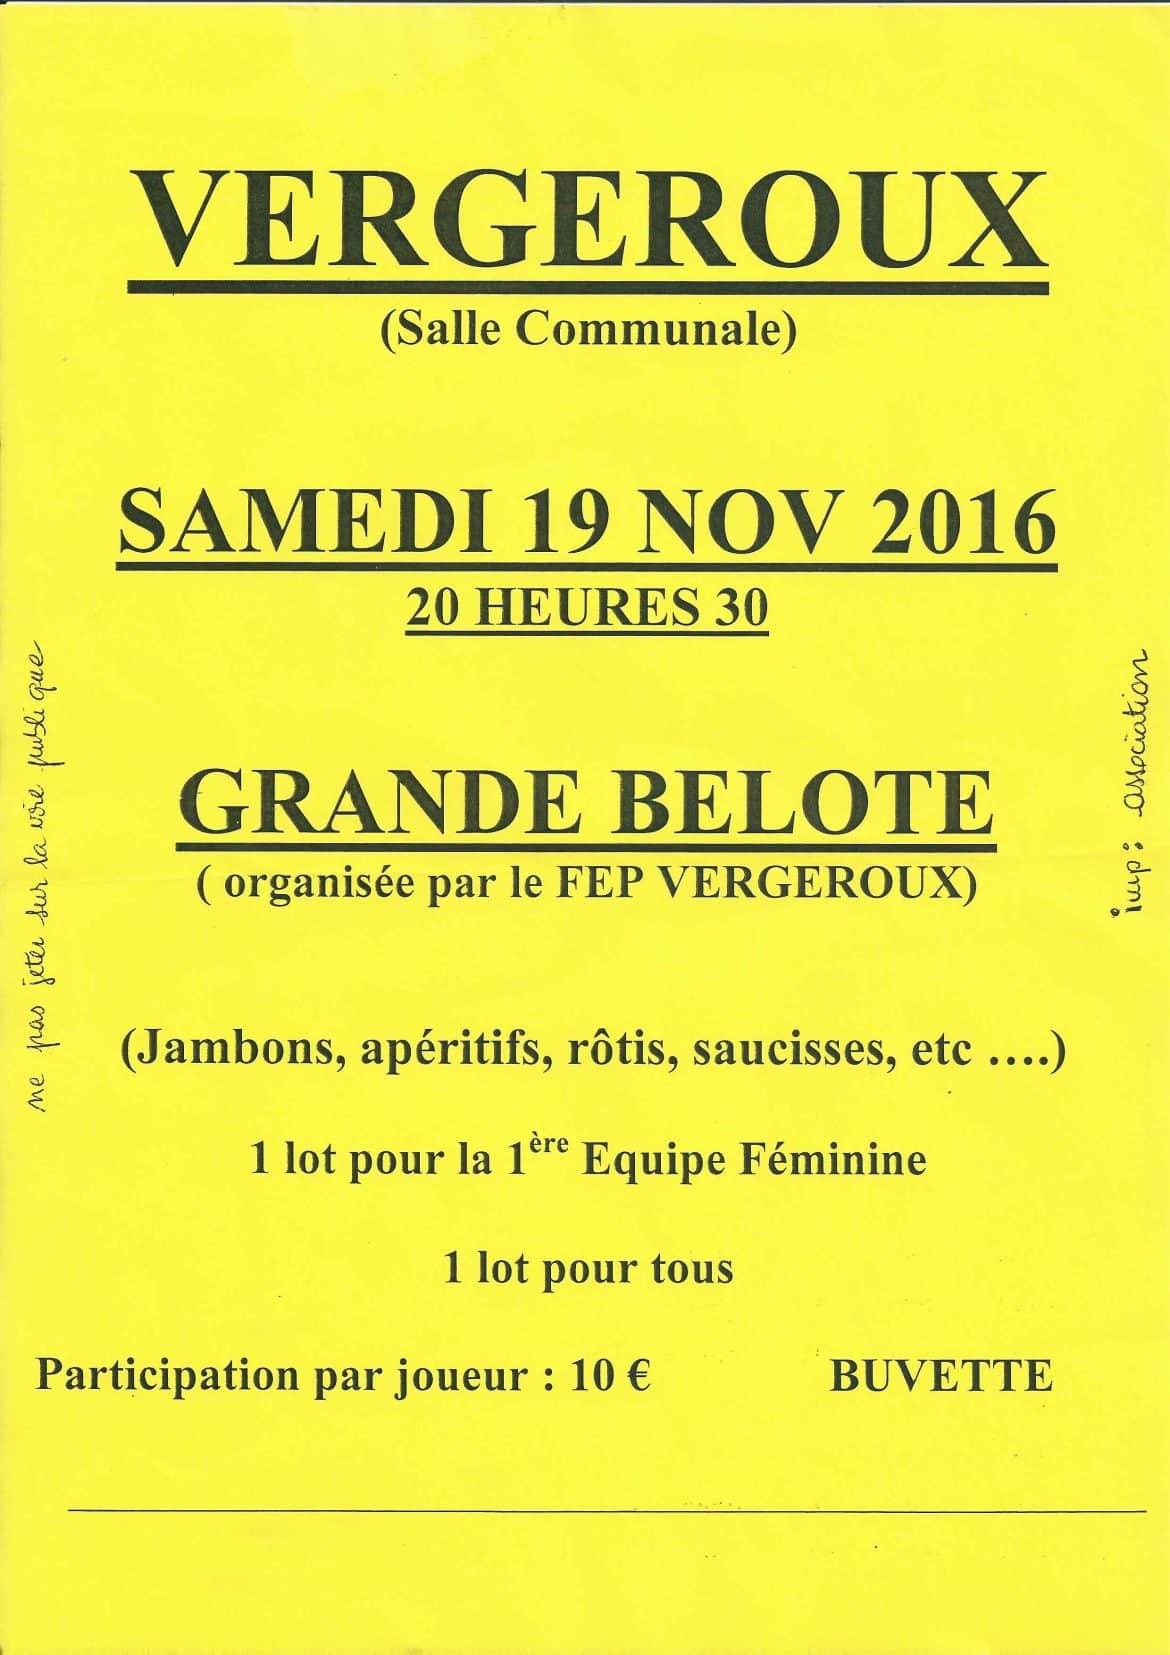 Affiche du concours de belote le vendredi 28 octobre 2016 à Méricourt